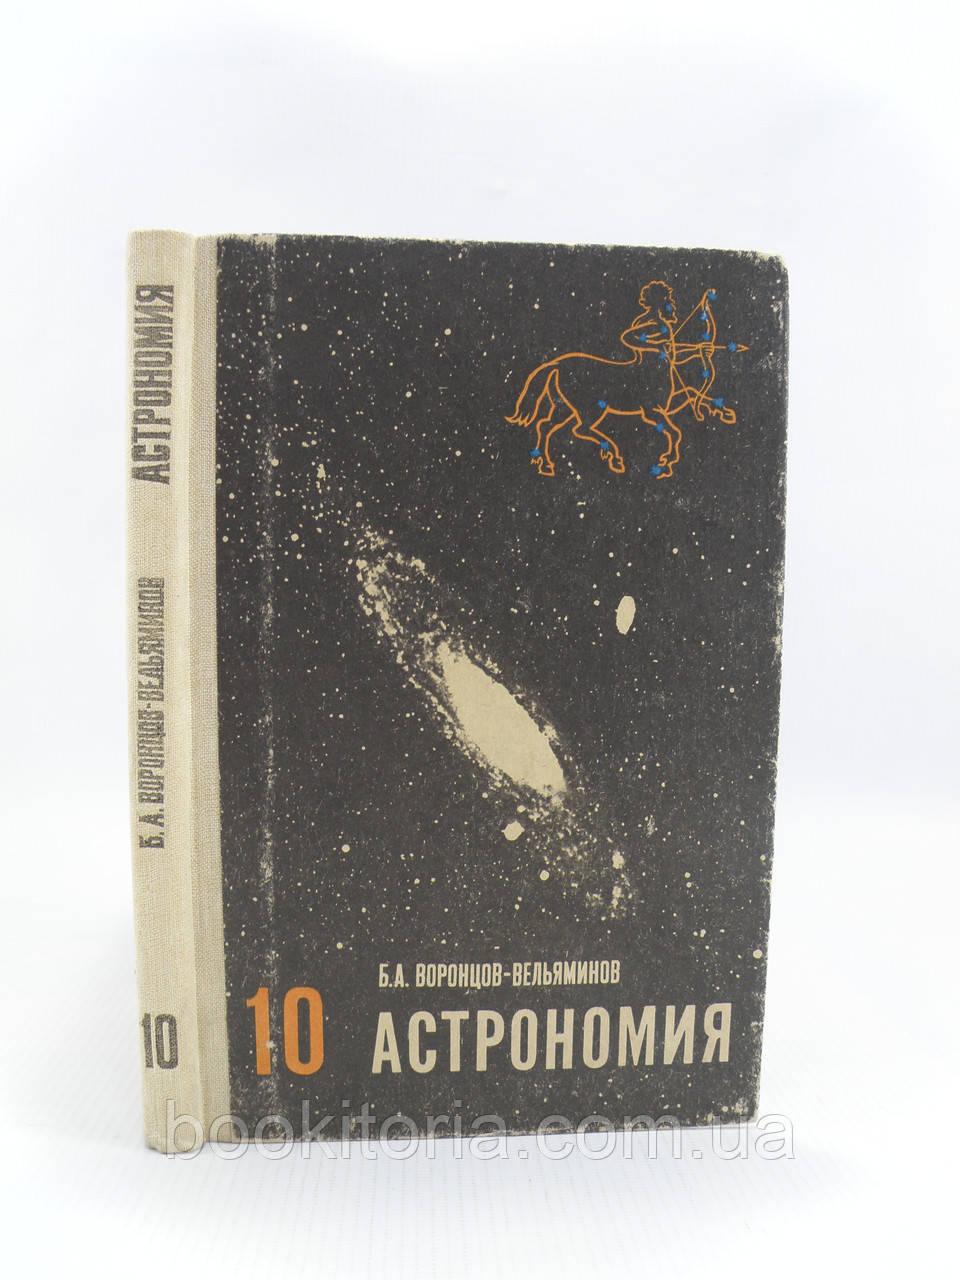 Воронцов-Вельяминов Б. Астрономия. 10 класс (б/у).